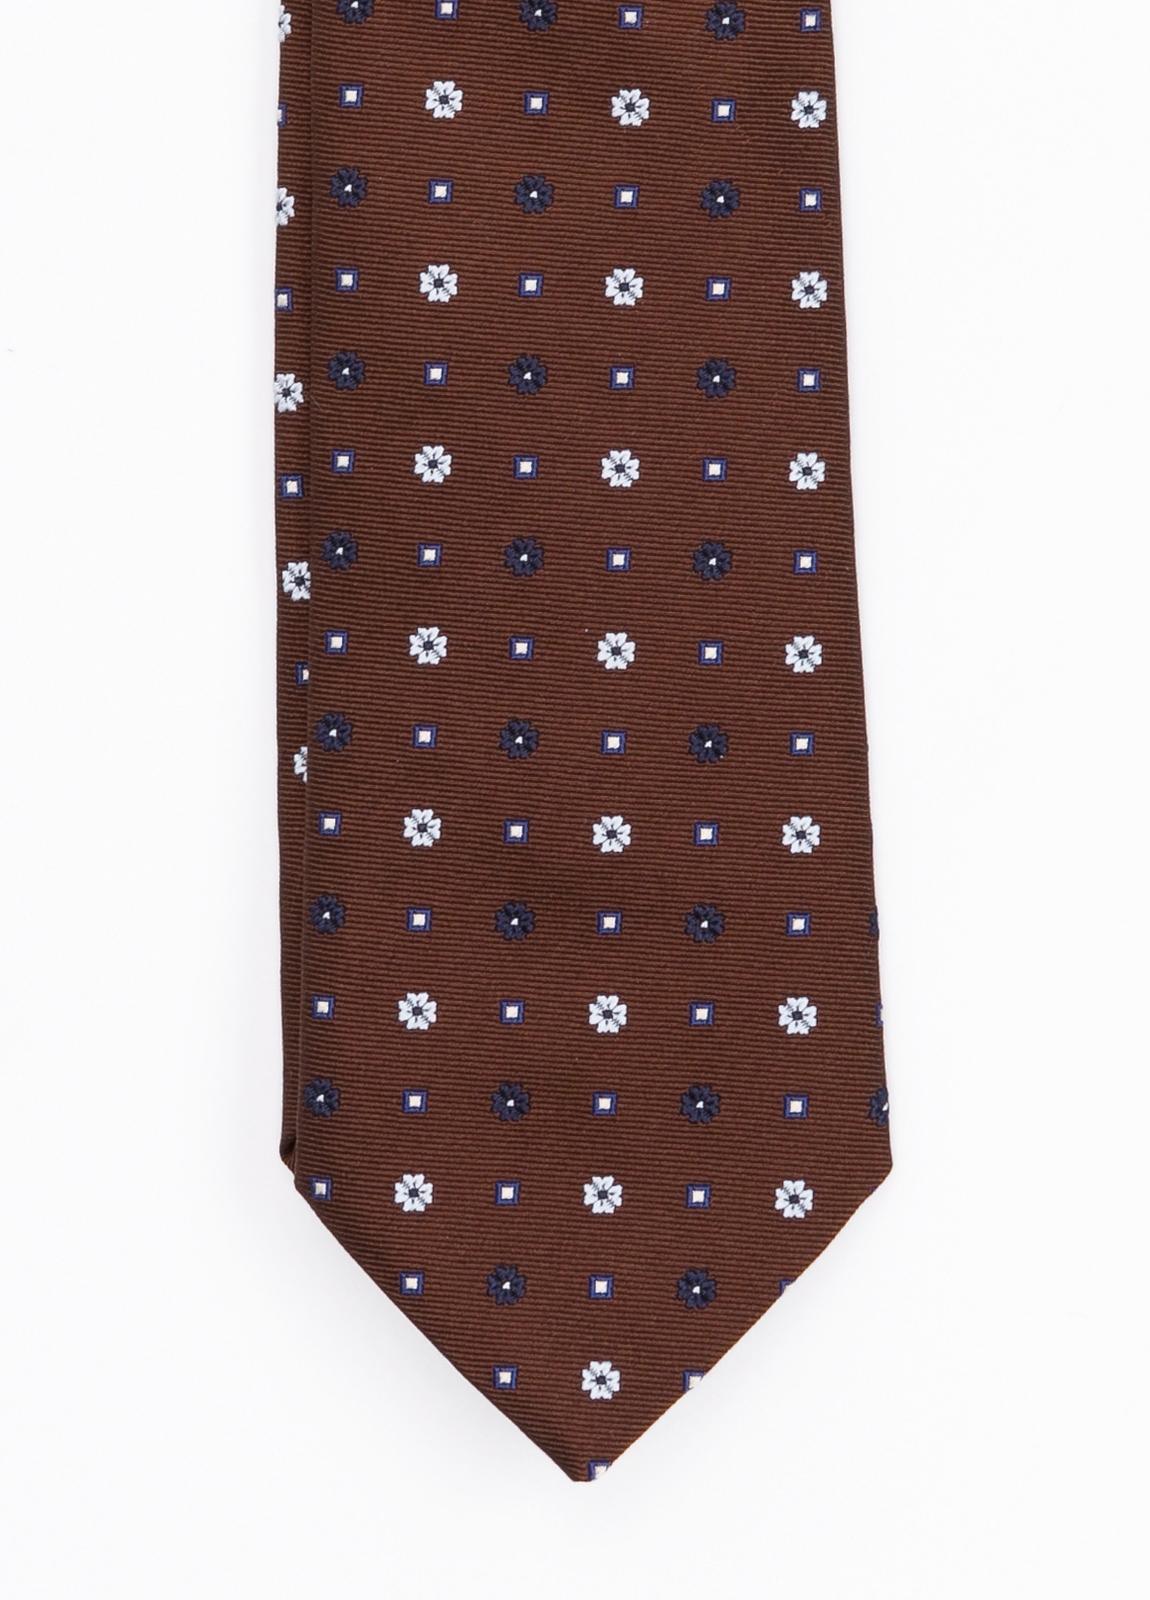 Corbata Formal Wear estampado flores, color marrón. Pala 7,5 cm. 62% Seda 38% Algodón.